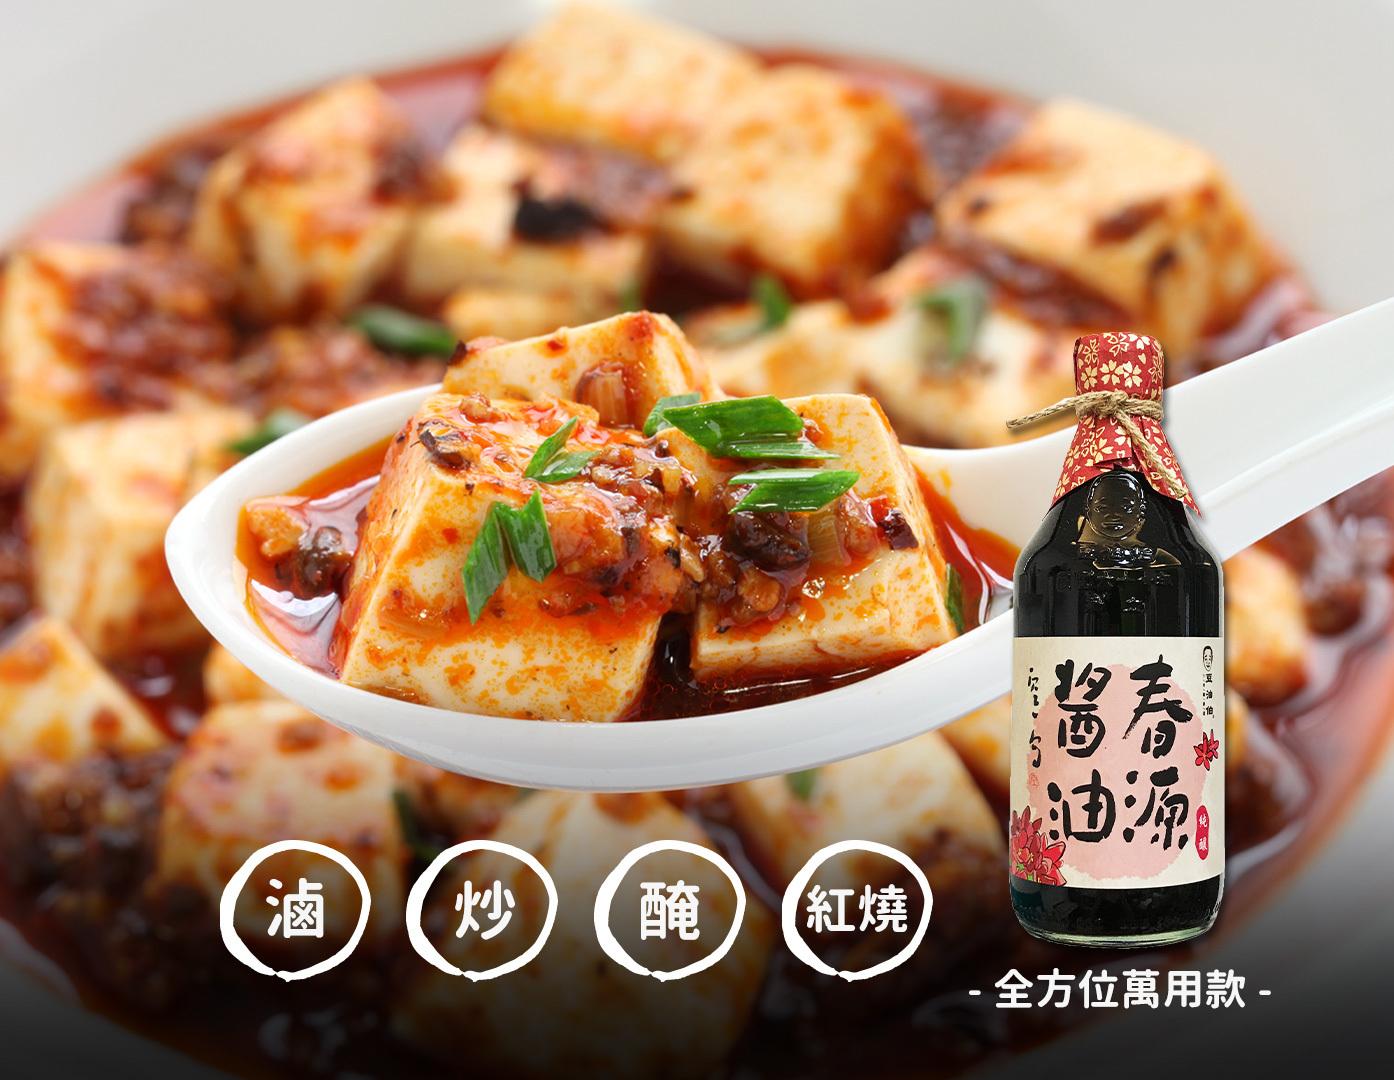 【豆油伯】甘田醬油+春源醬油500ml*10入